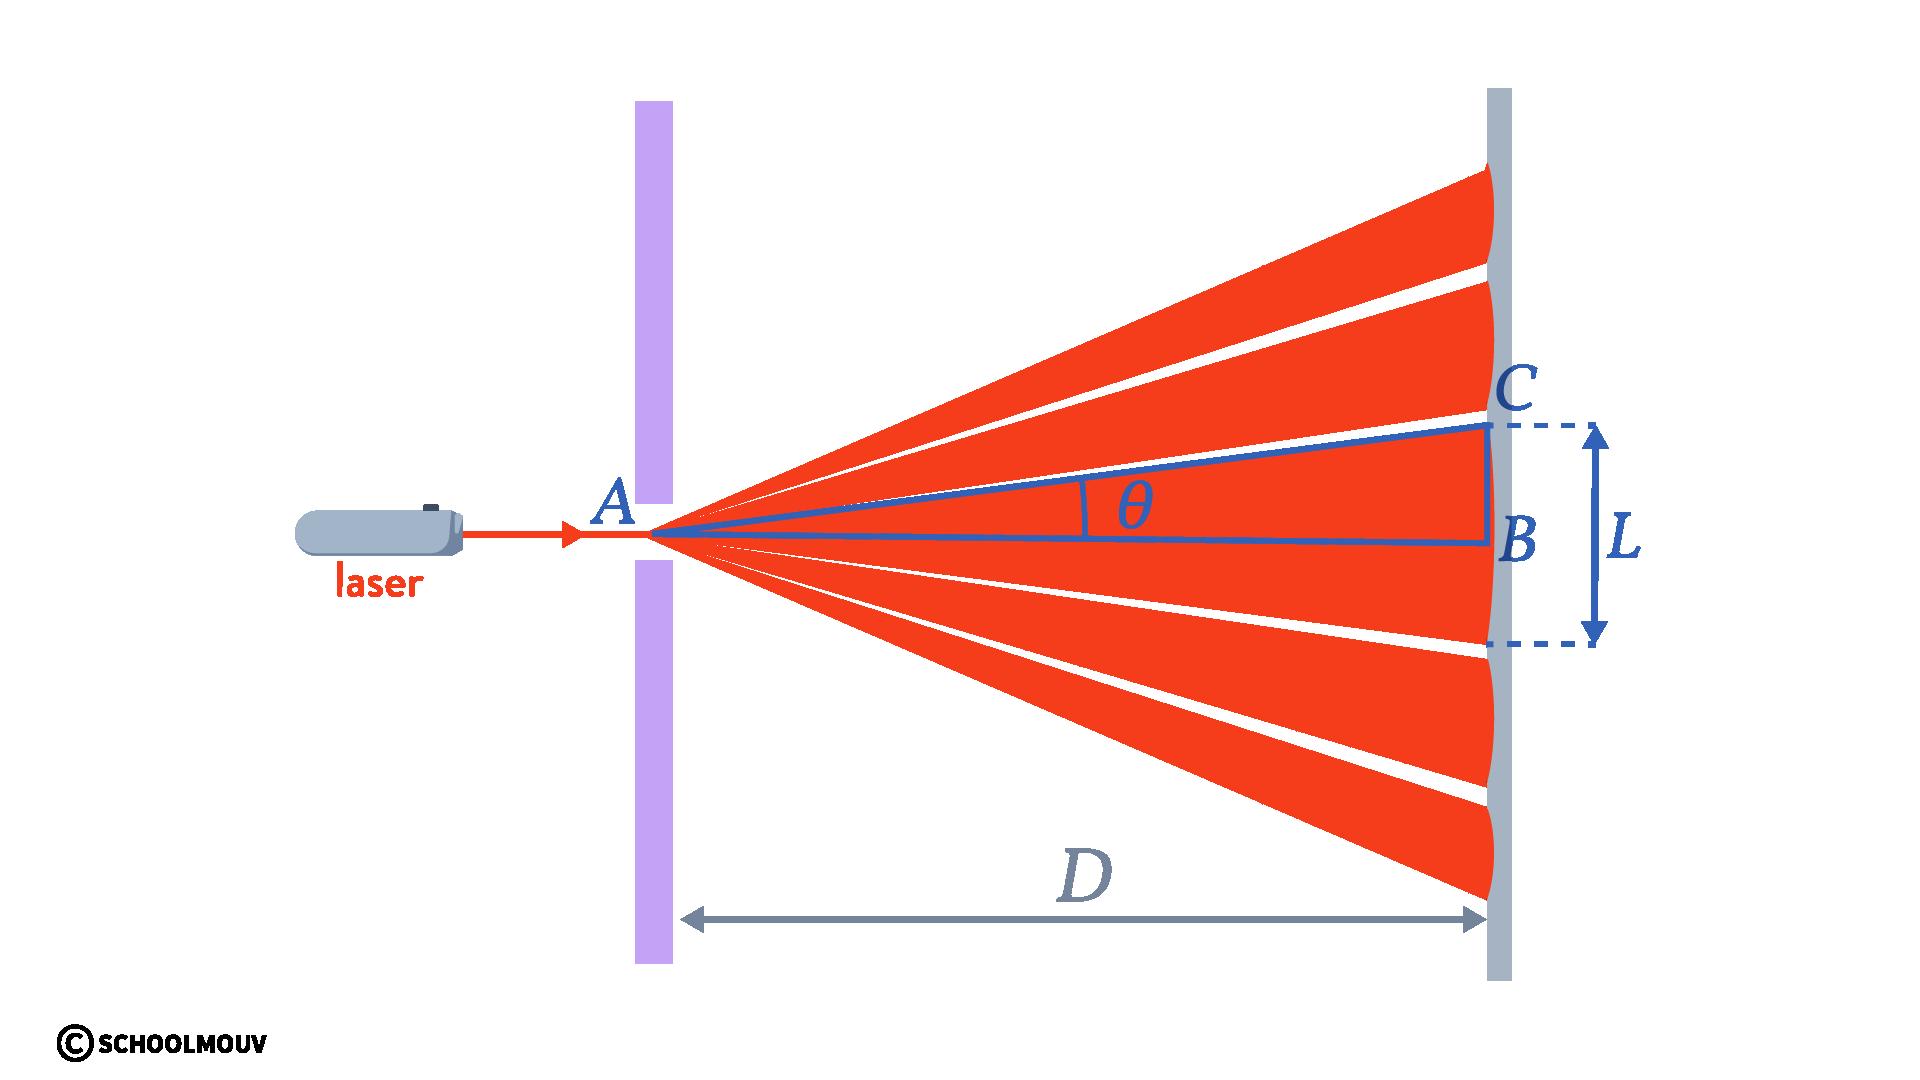 diffraction d'une onde physique chimie terminal schoolmouv écart angulaire